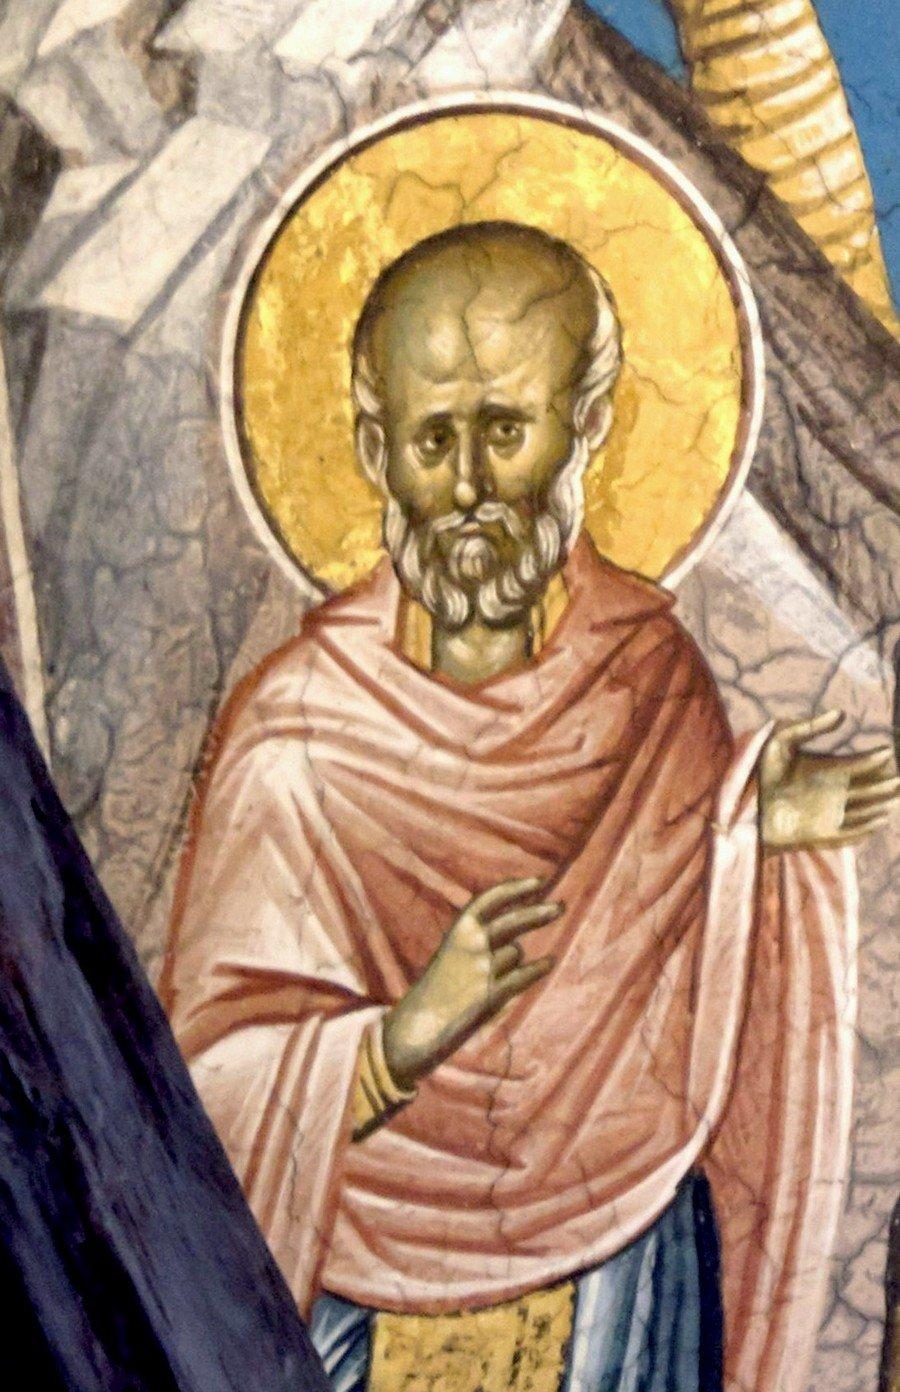 Святой Преподобный Сампсон Странноприимец. Фреска монастыря Высокие Дечаны, Косово и Метохия, Сербия. До 1350 года.